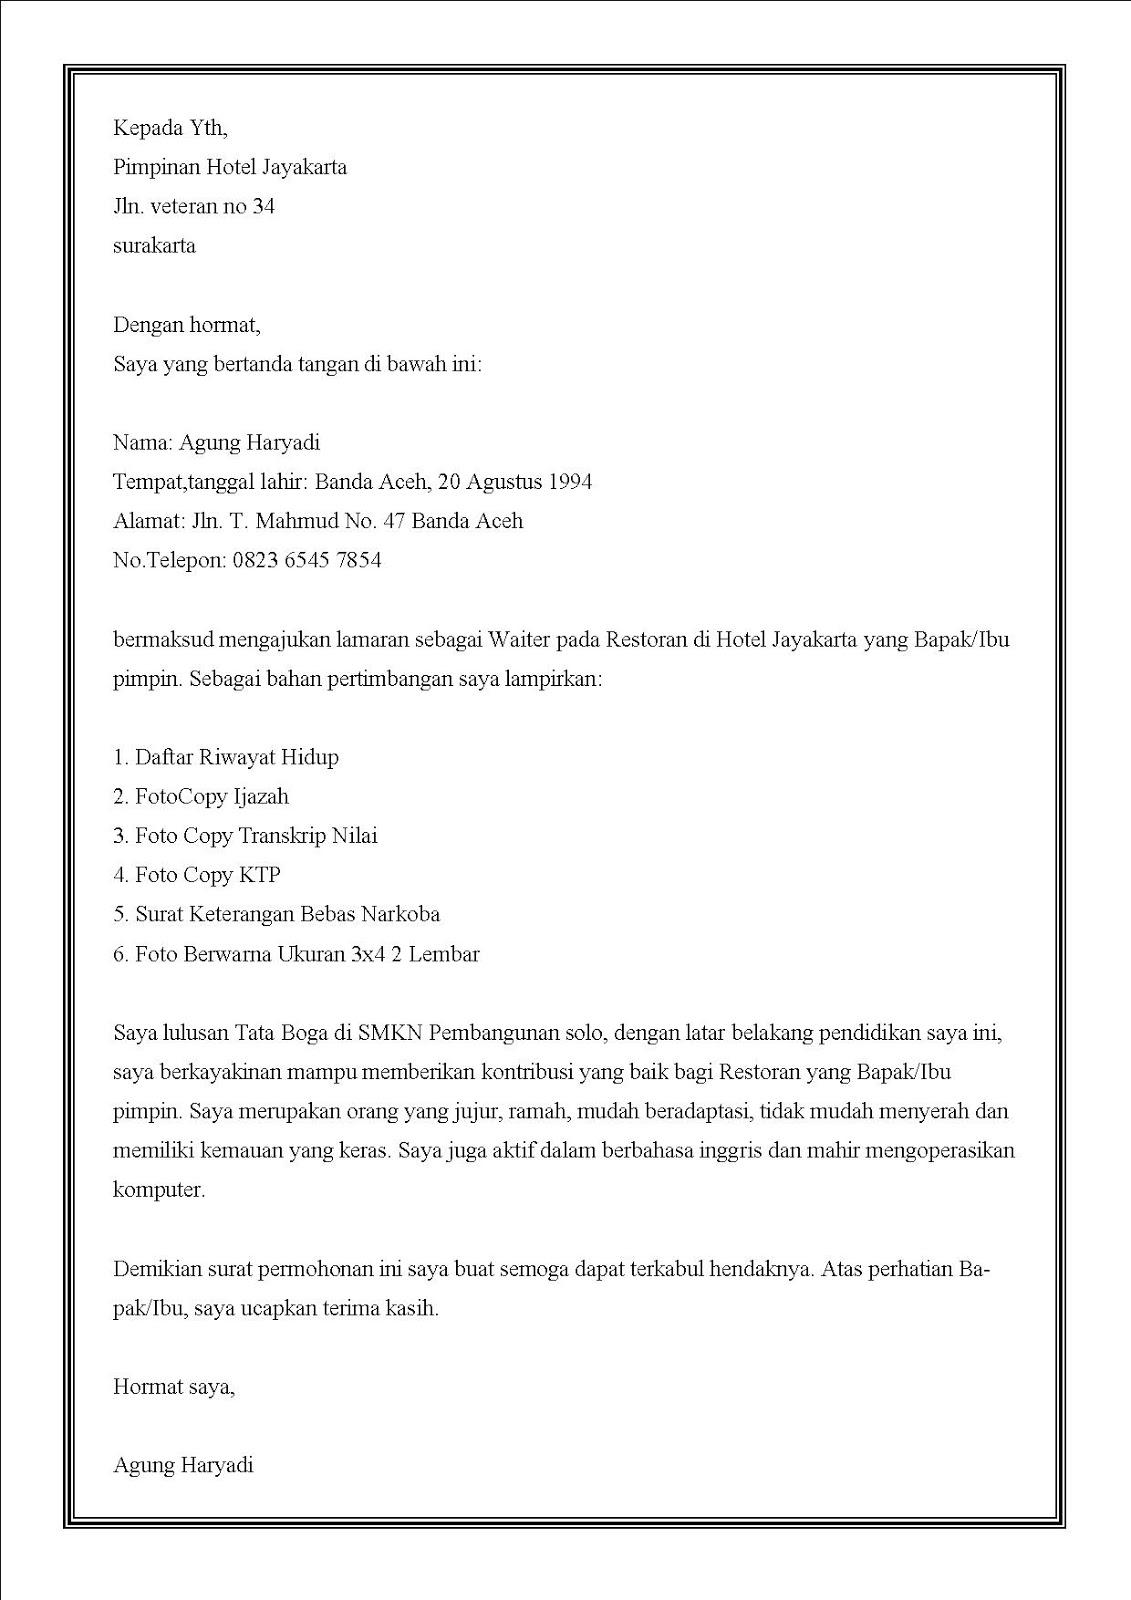 Contoh surat lamaran kerja di hotel sebagai waiters